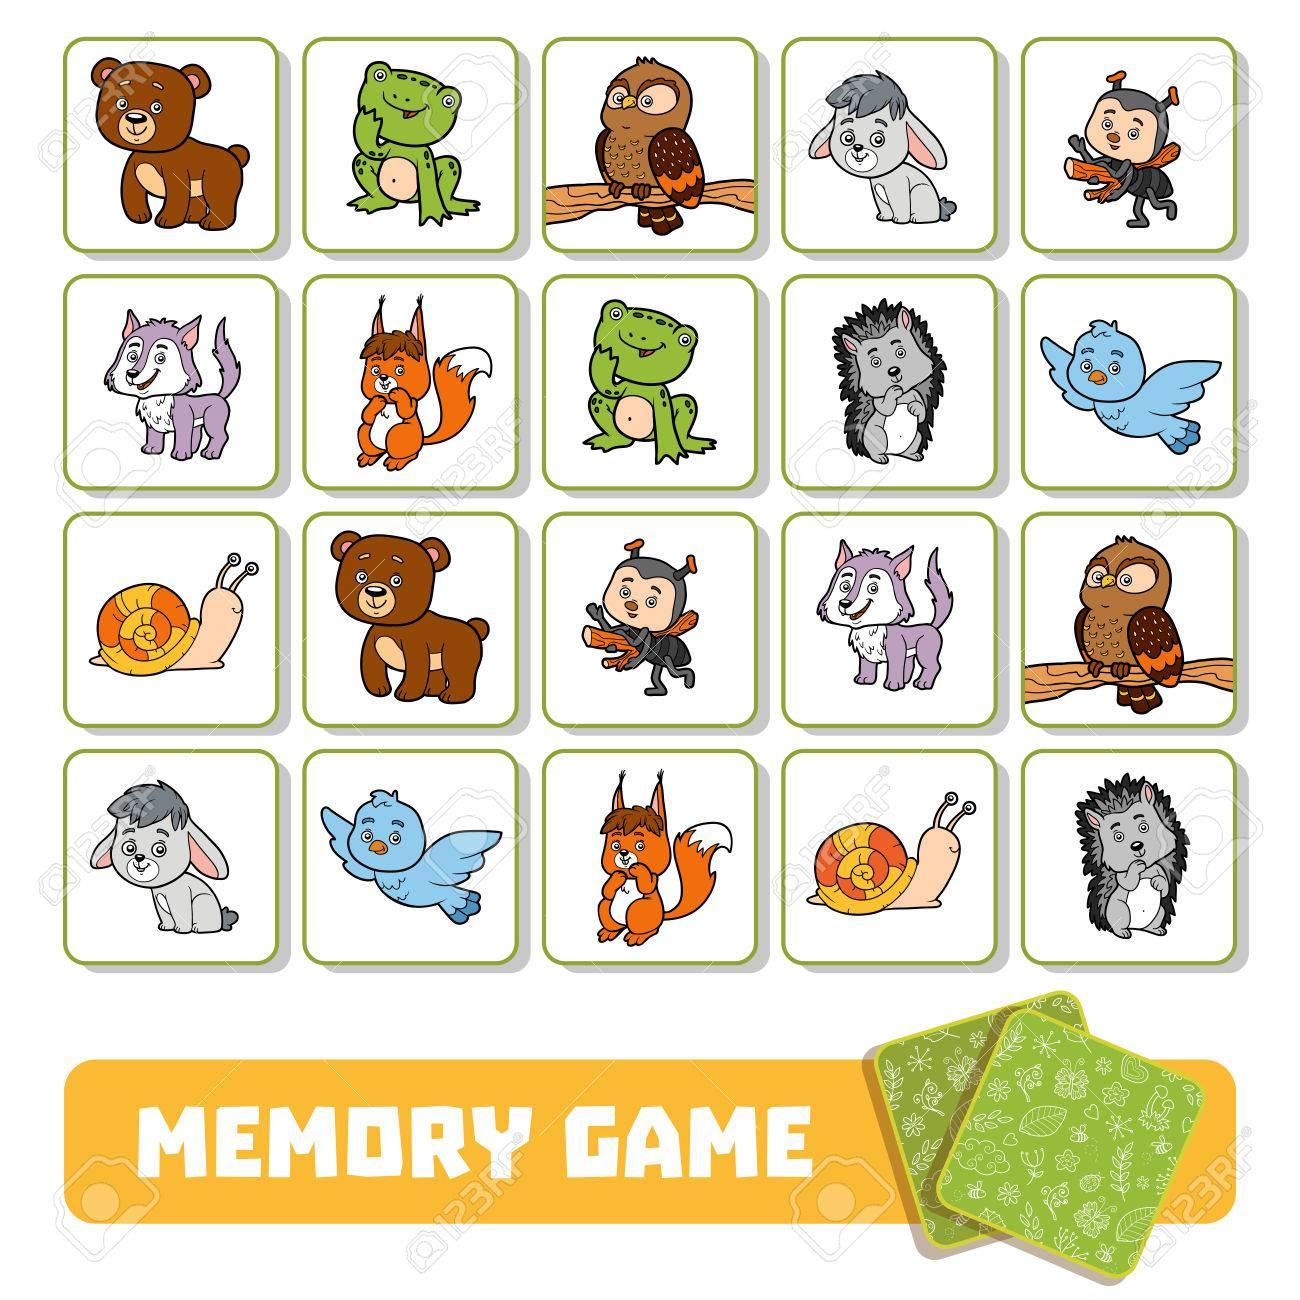 Jeux De Memoire Pour Enfant - Primanyc tout Jeux De Memory Pour Enfants